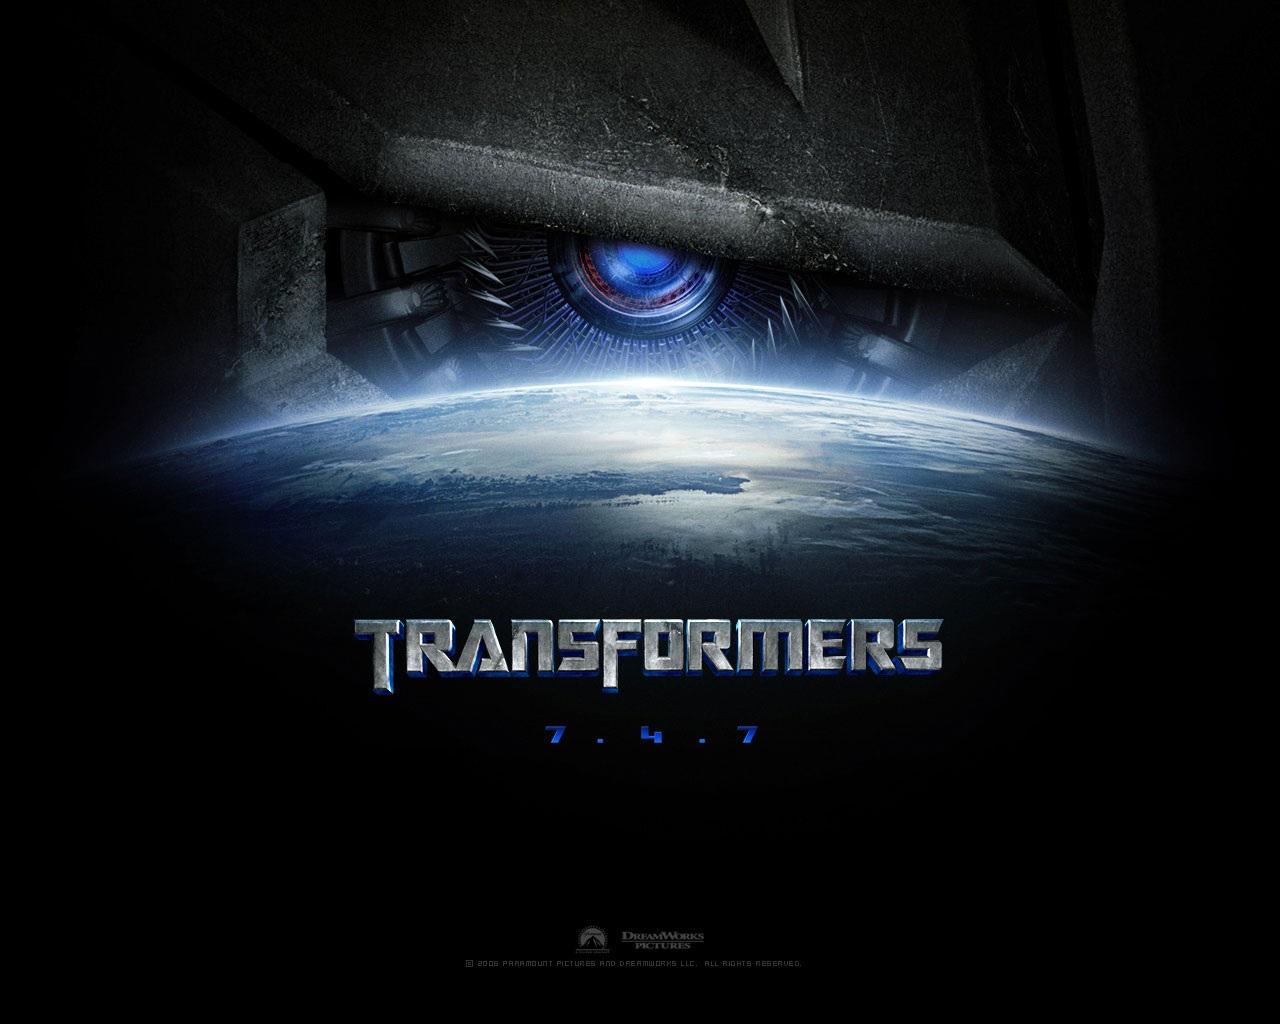 http://4.bp.blogspot.com/_g7VhZZI9fb4/TTmF4JVq1pI/AAAAAAAAAEA/vJI_V1d4sCs/s1600/Transformers-Teaser-Wallpaper-310.jpg